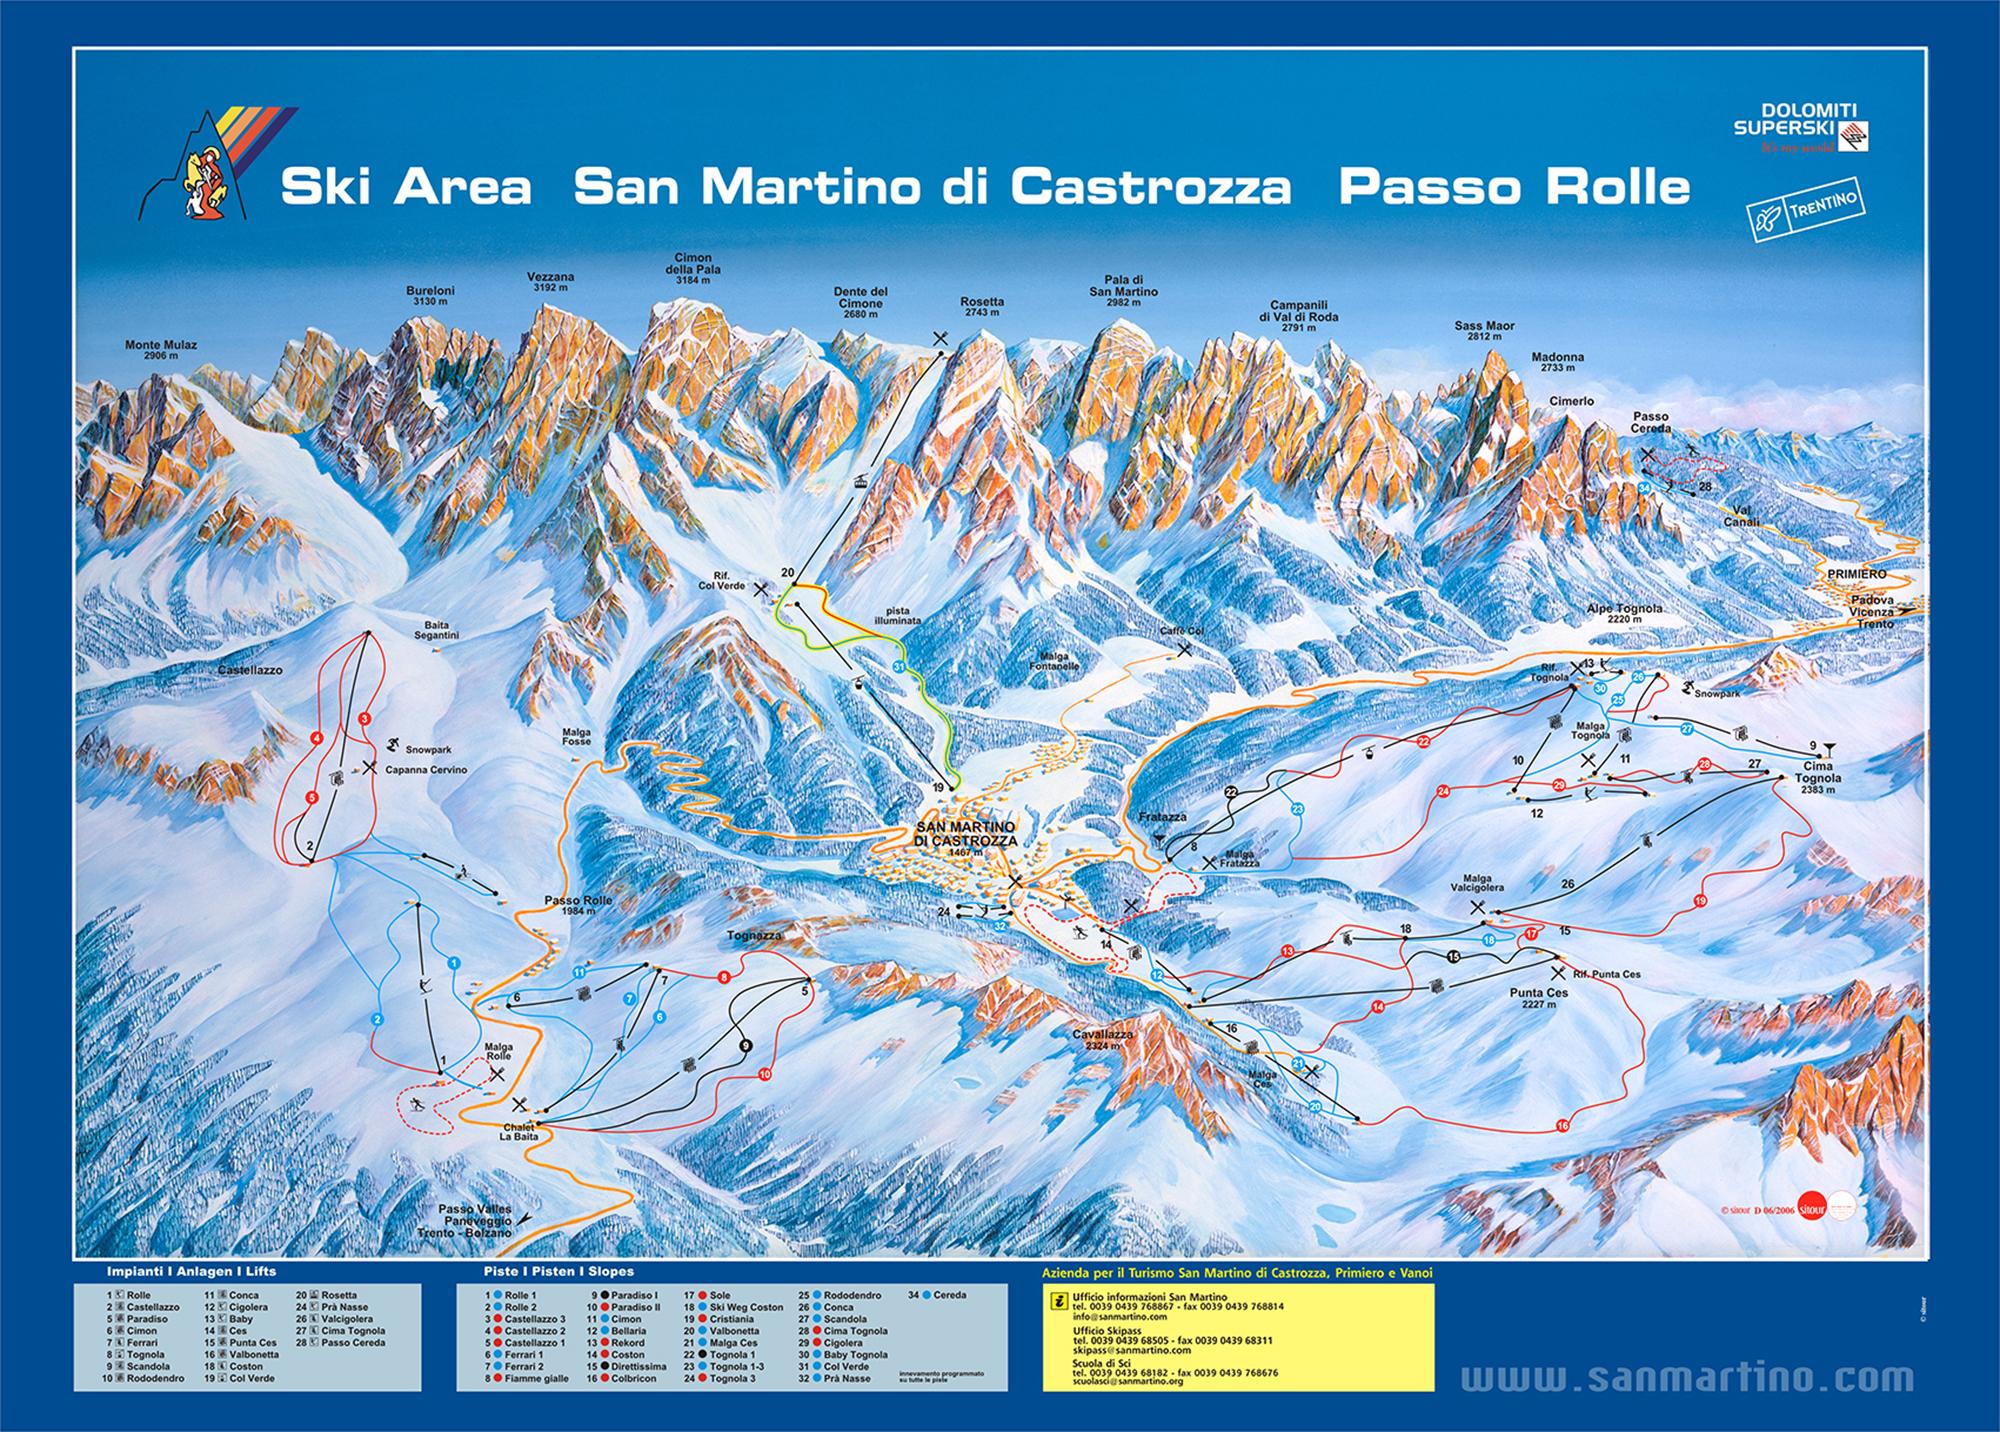 San Martino di Castrozza Italy ski holiday 2017 holidays